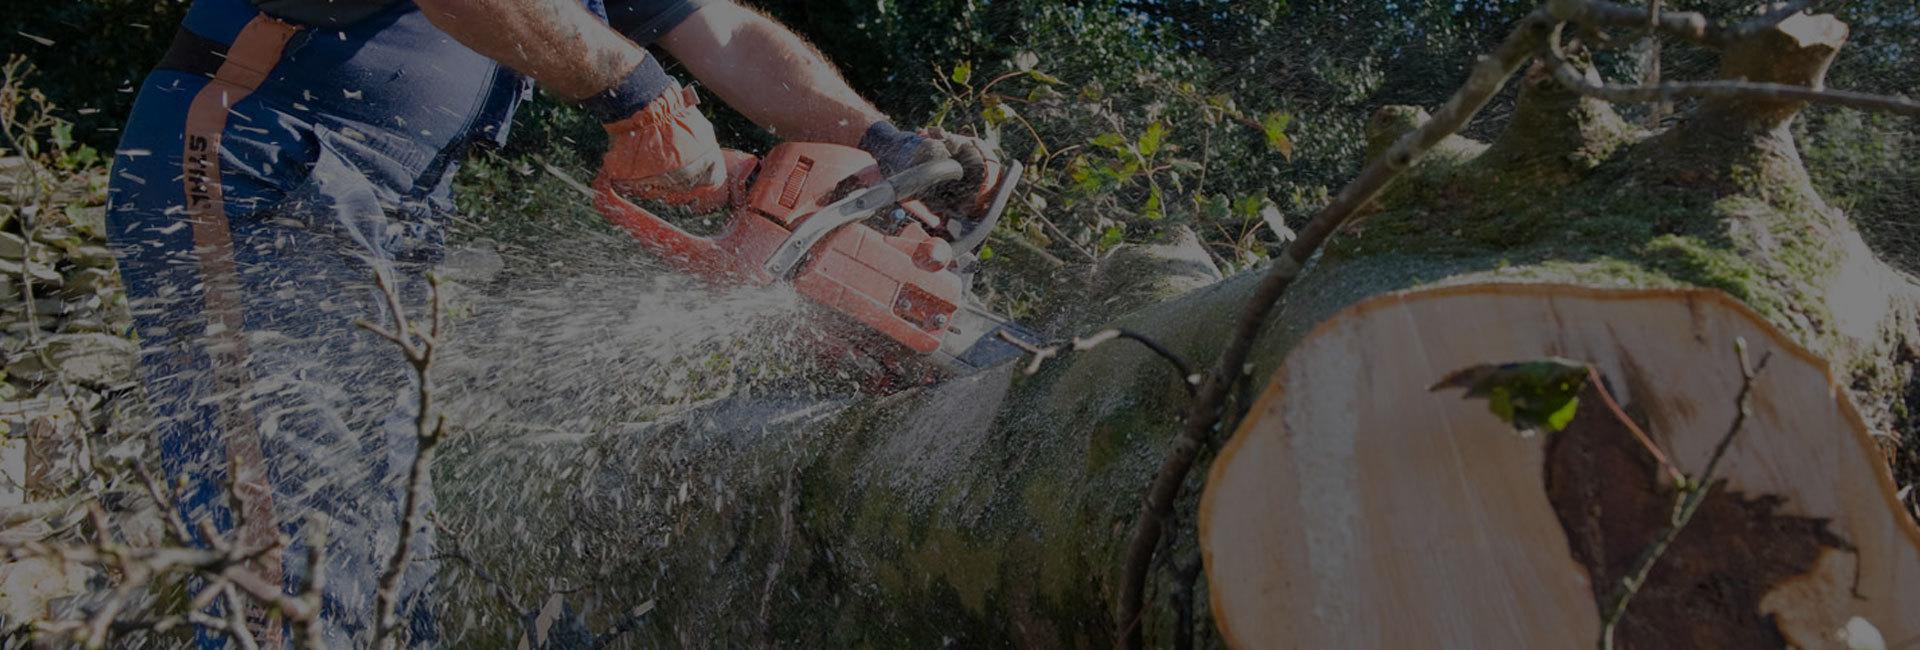 arboricultural experts